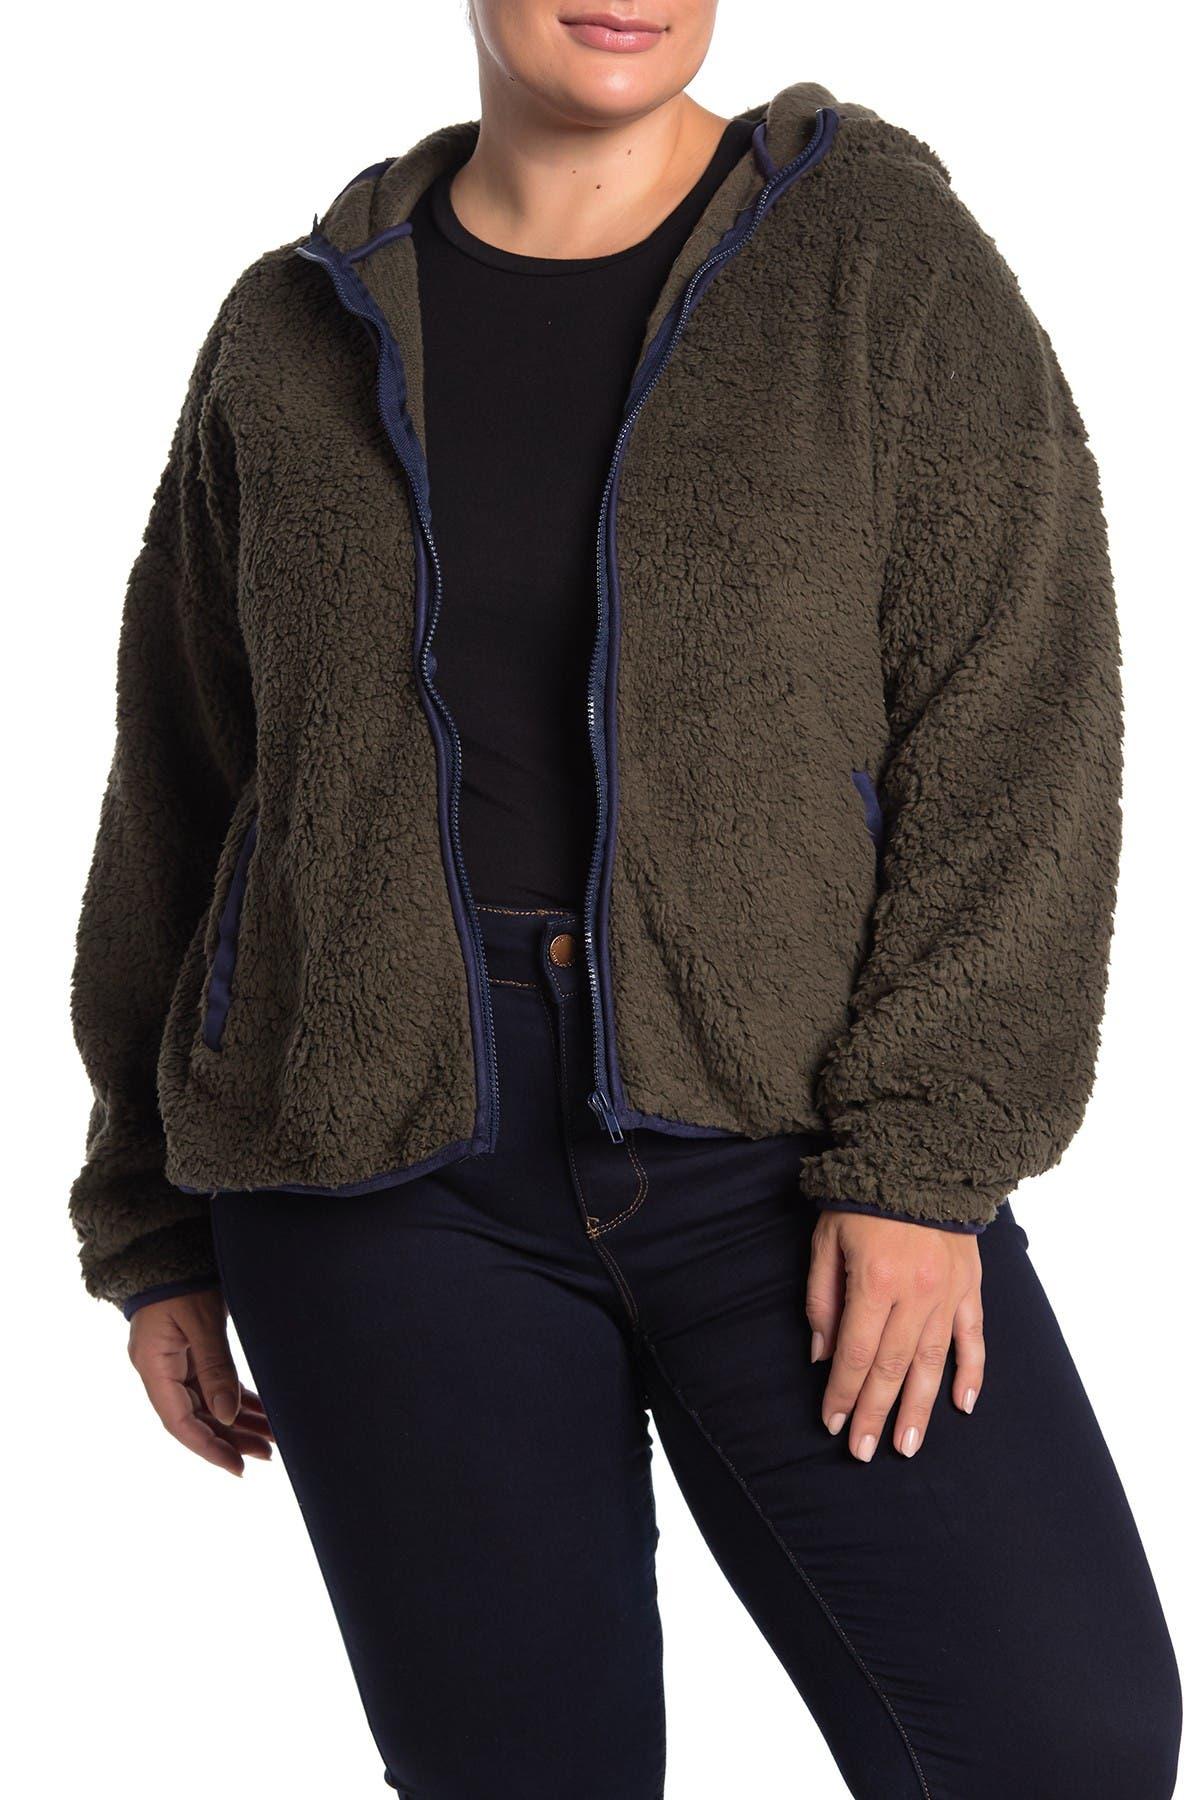 Blu Pepper Fleece Contrast Trim Teddy Jacket